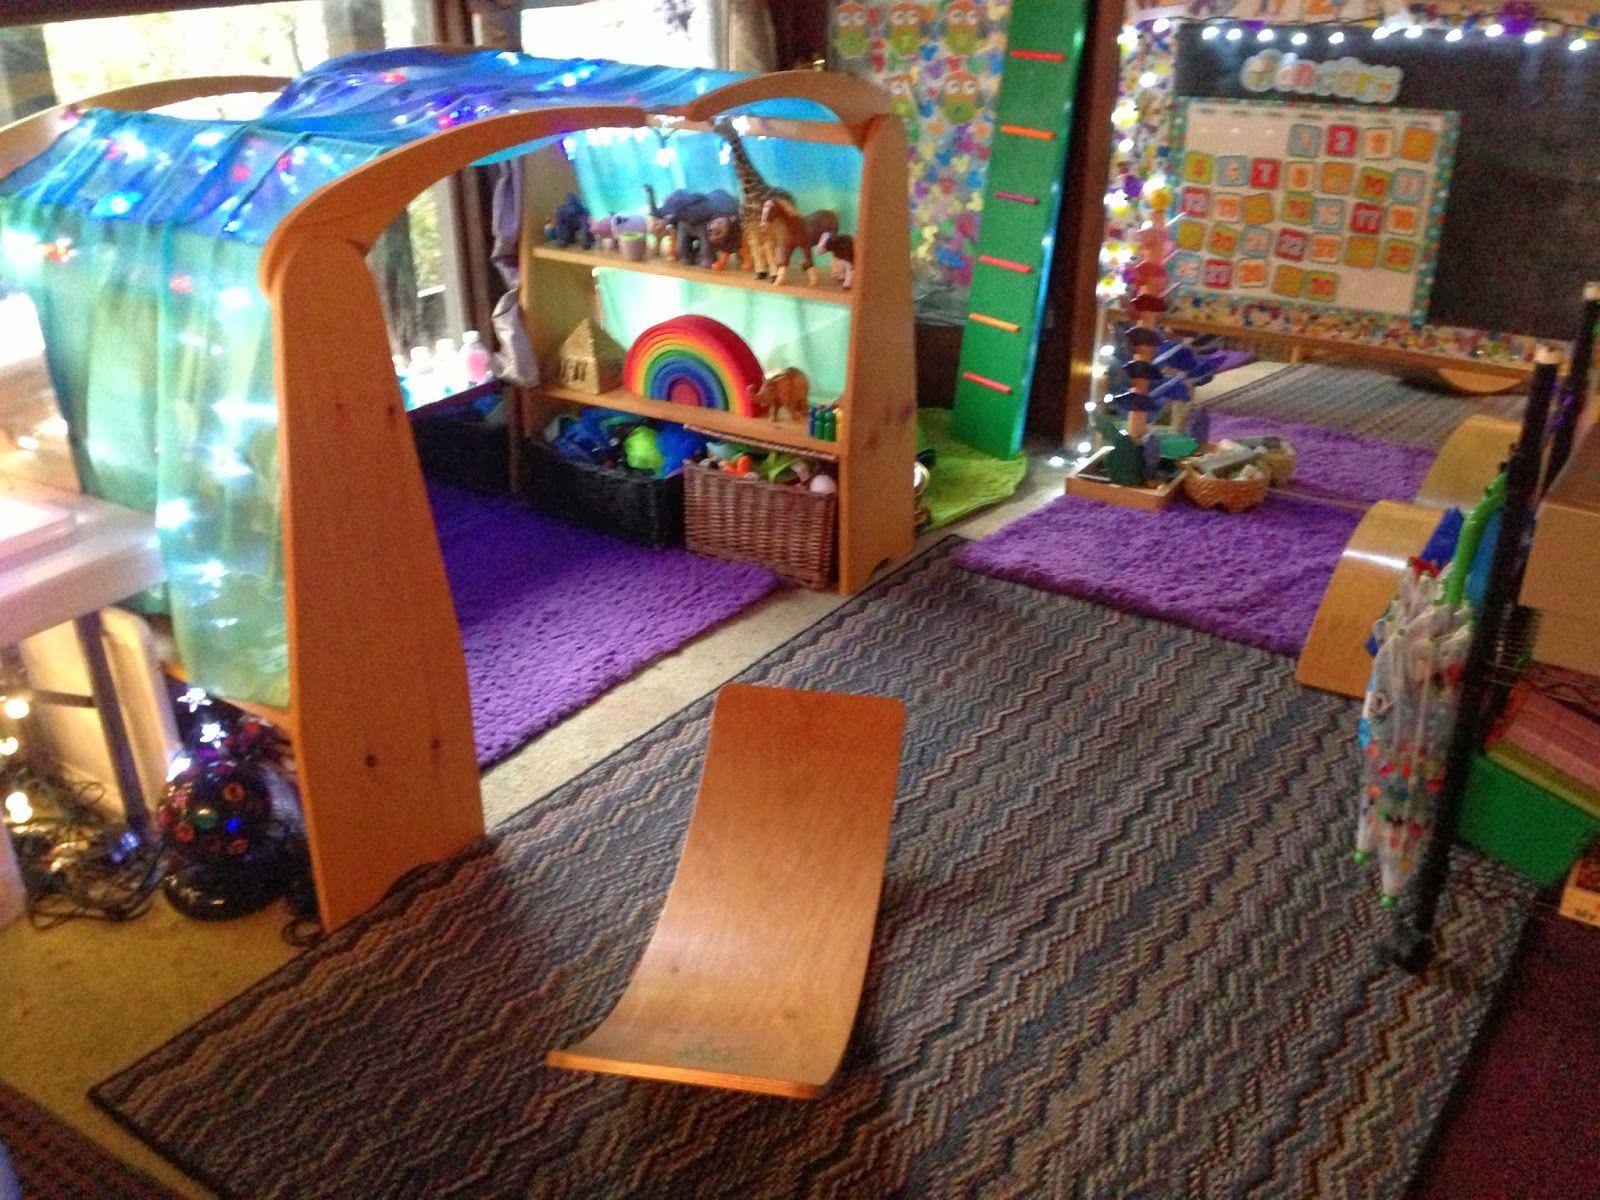 Homeschool Room And Indoor Play Environment Update 2014